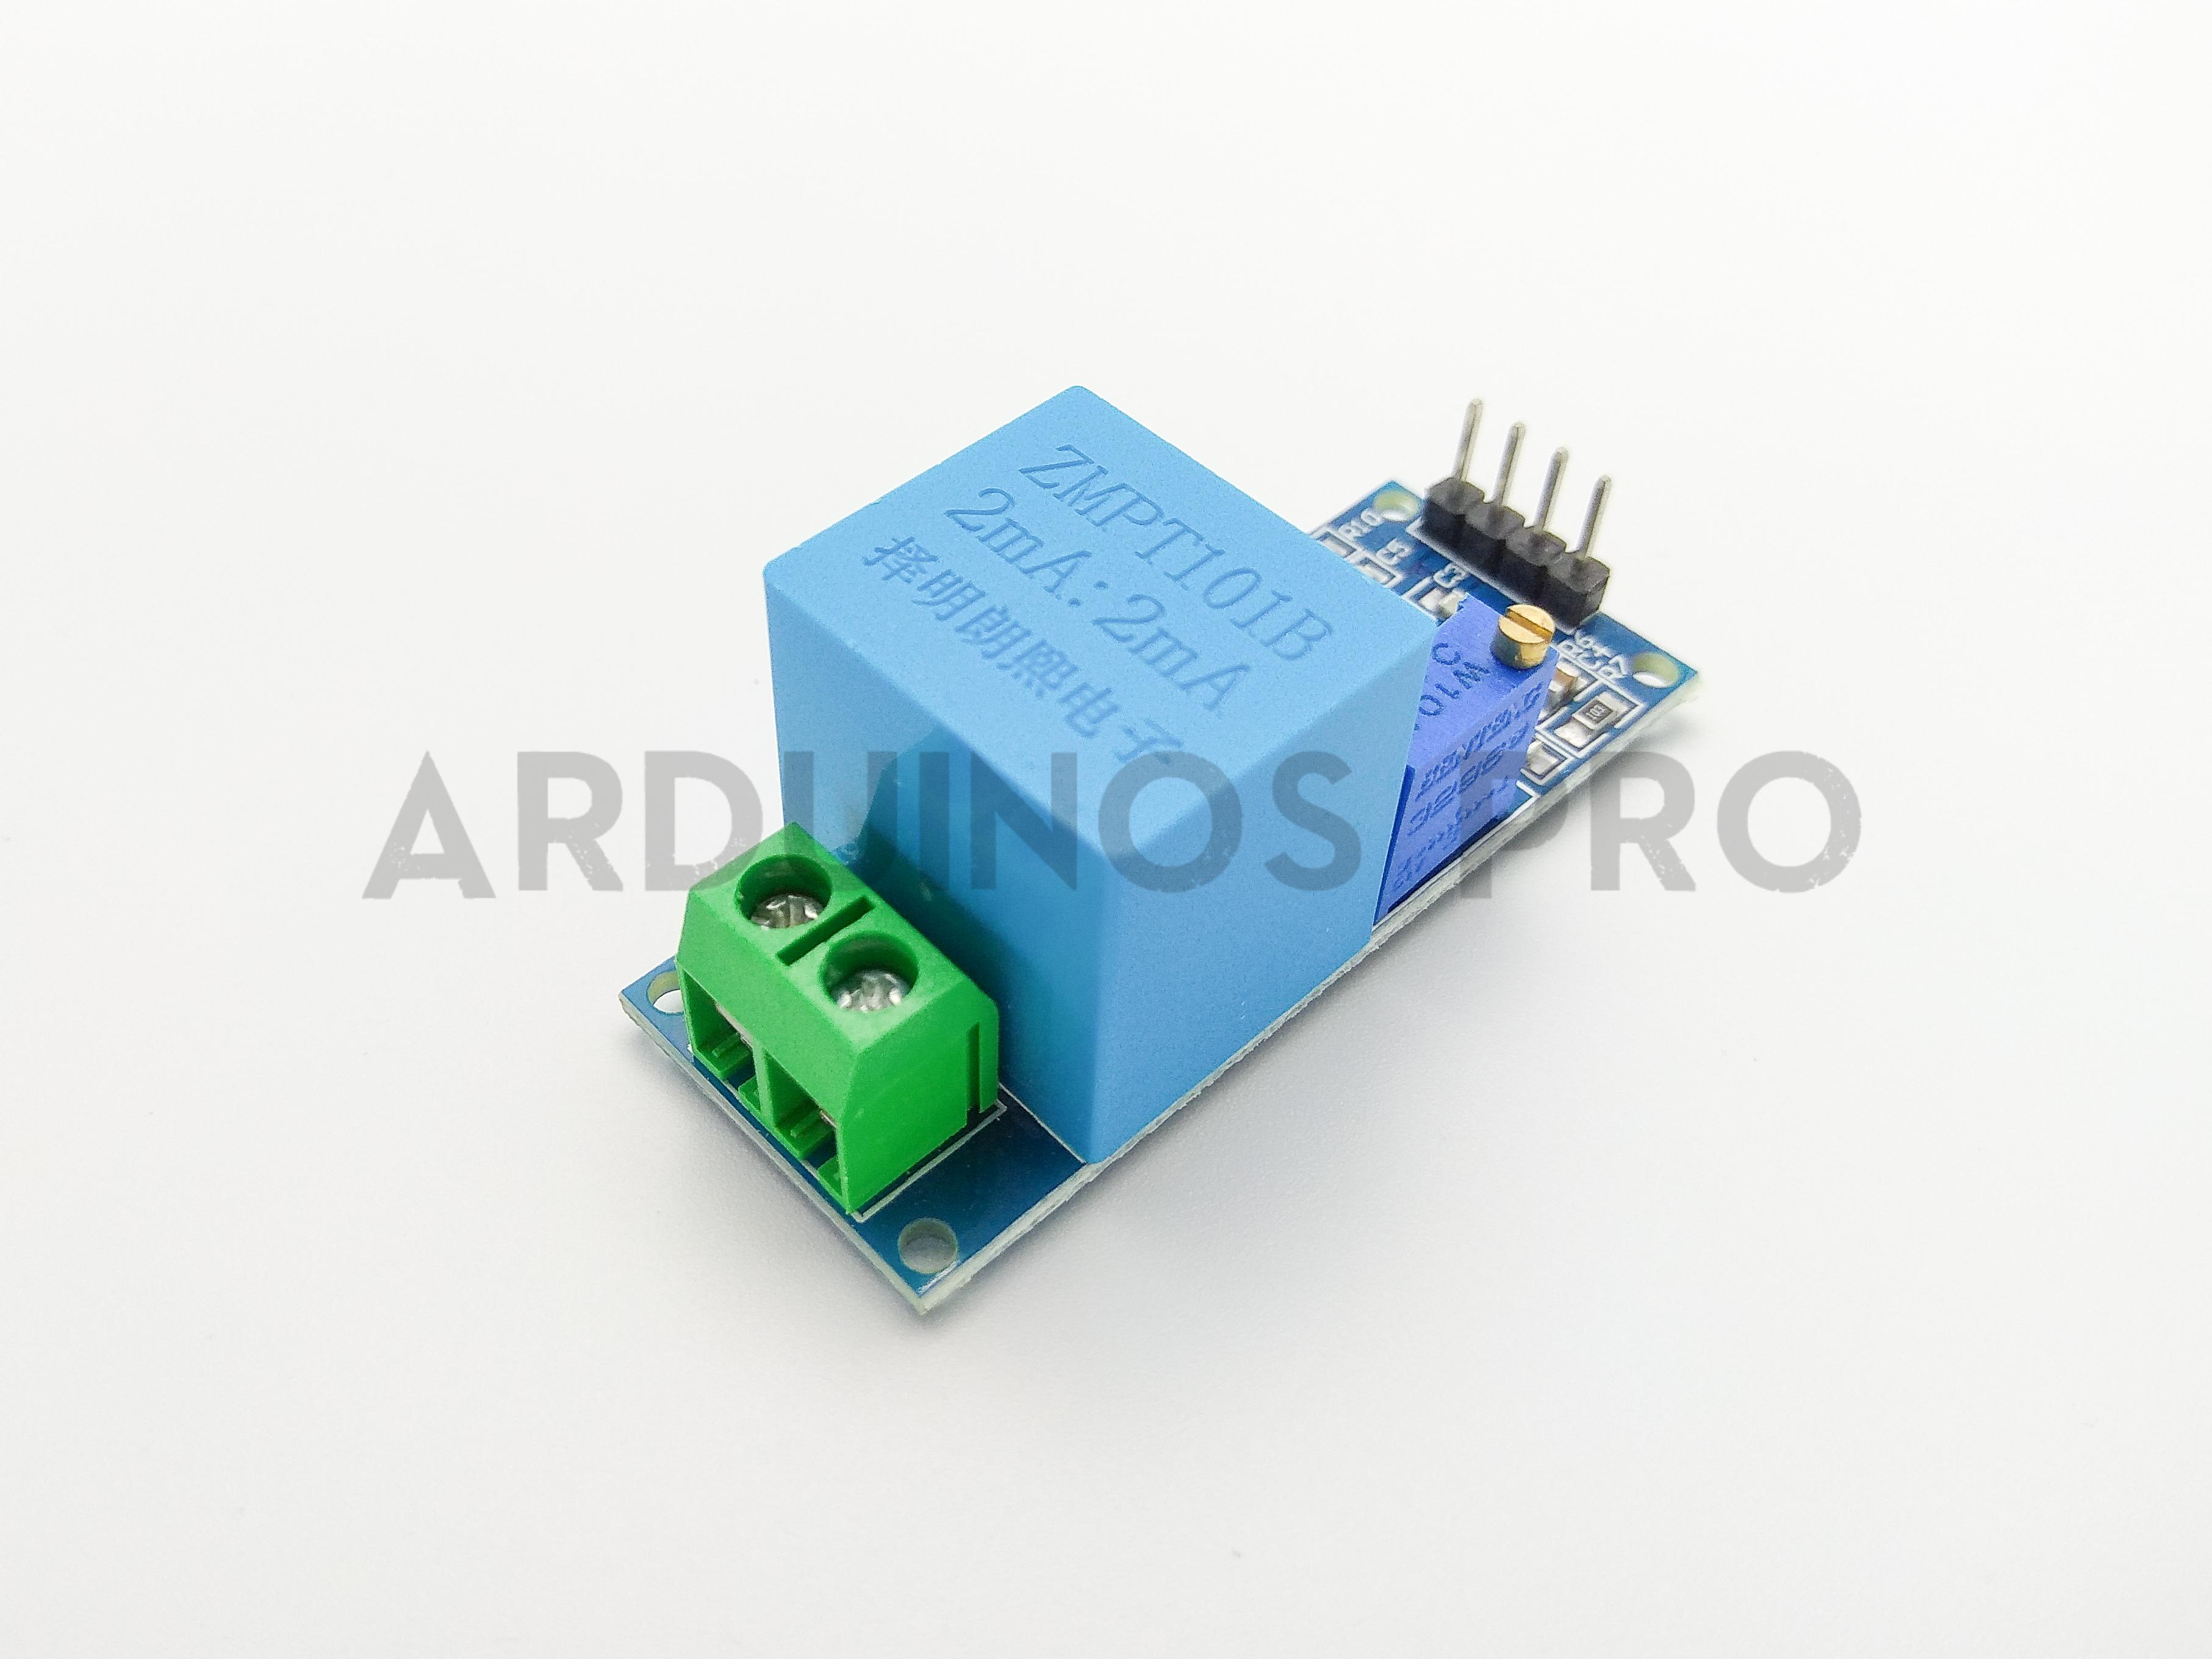 Single Phase Voltage Sensor 250VAC (ZMPT101B) เซนเซอร์วัดแรงดันไฟฟ้า AC  สูงสุด 250 โวลต์ เฟสเดียว